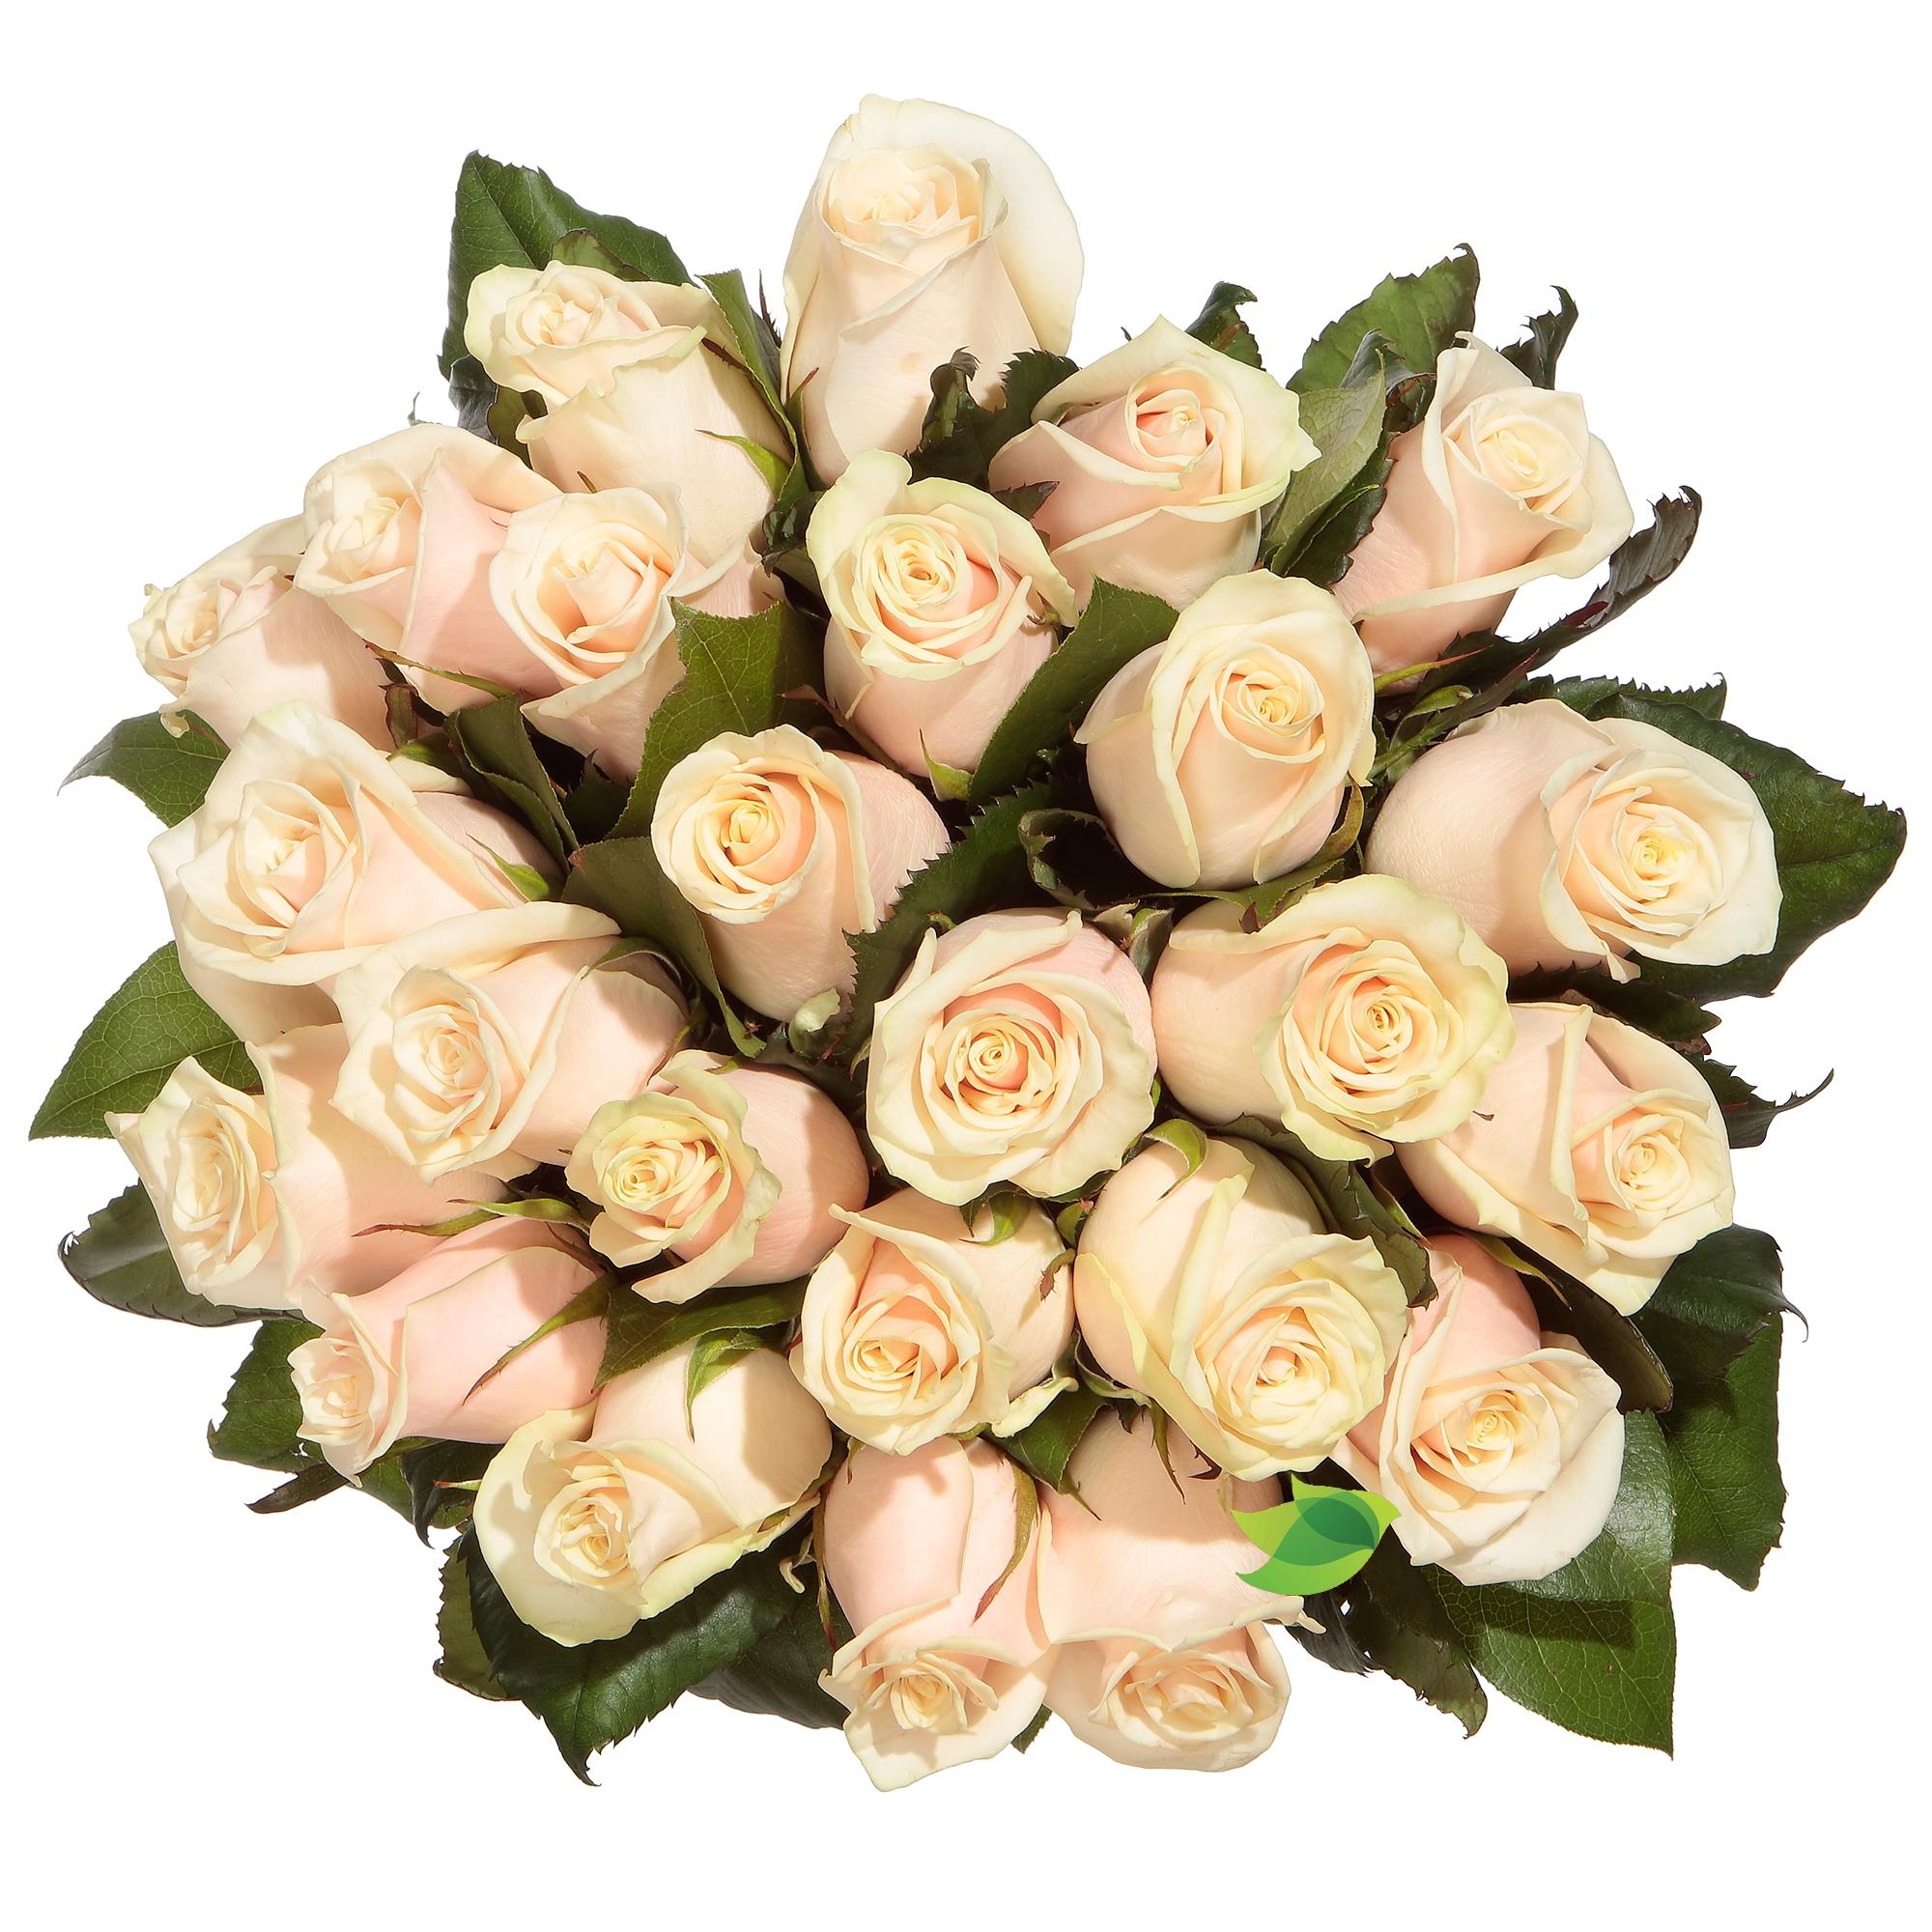 Фото букета: Букет кремовых роз